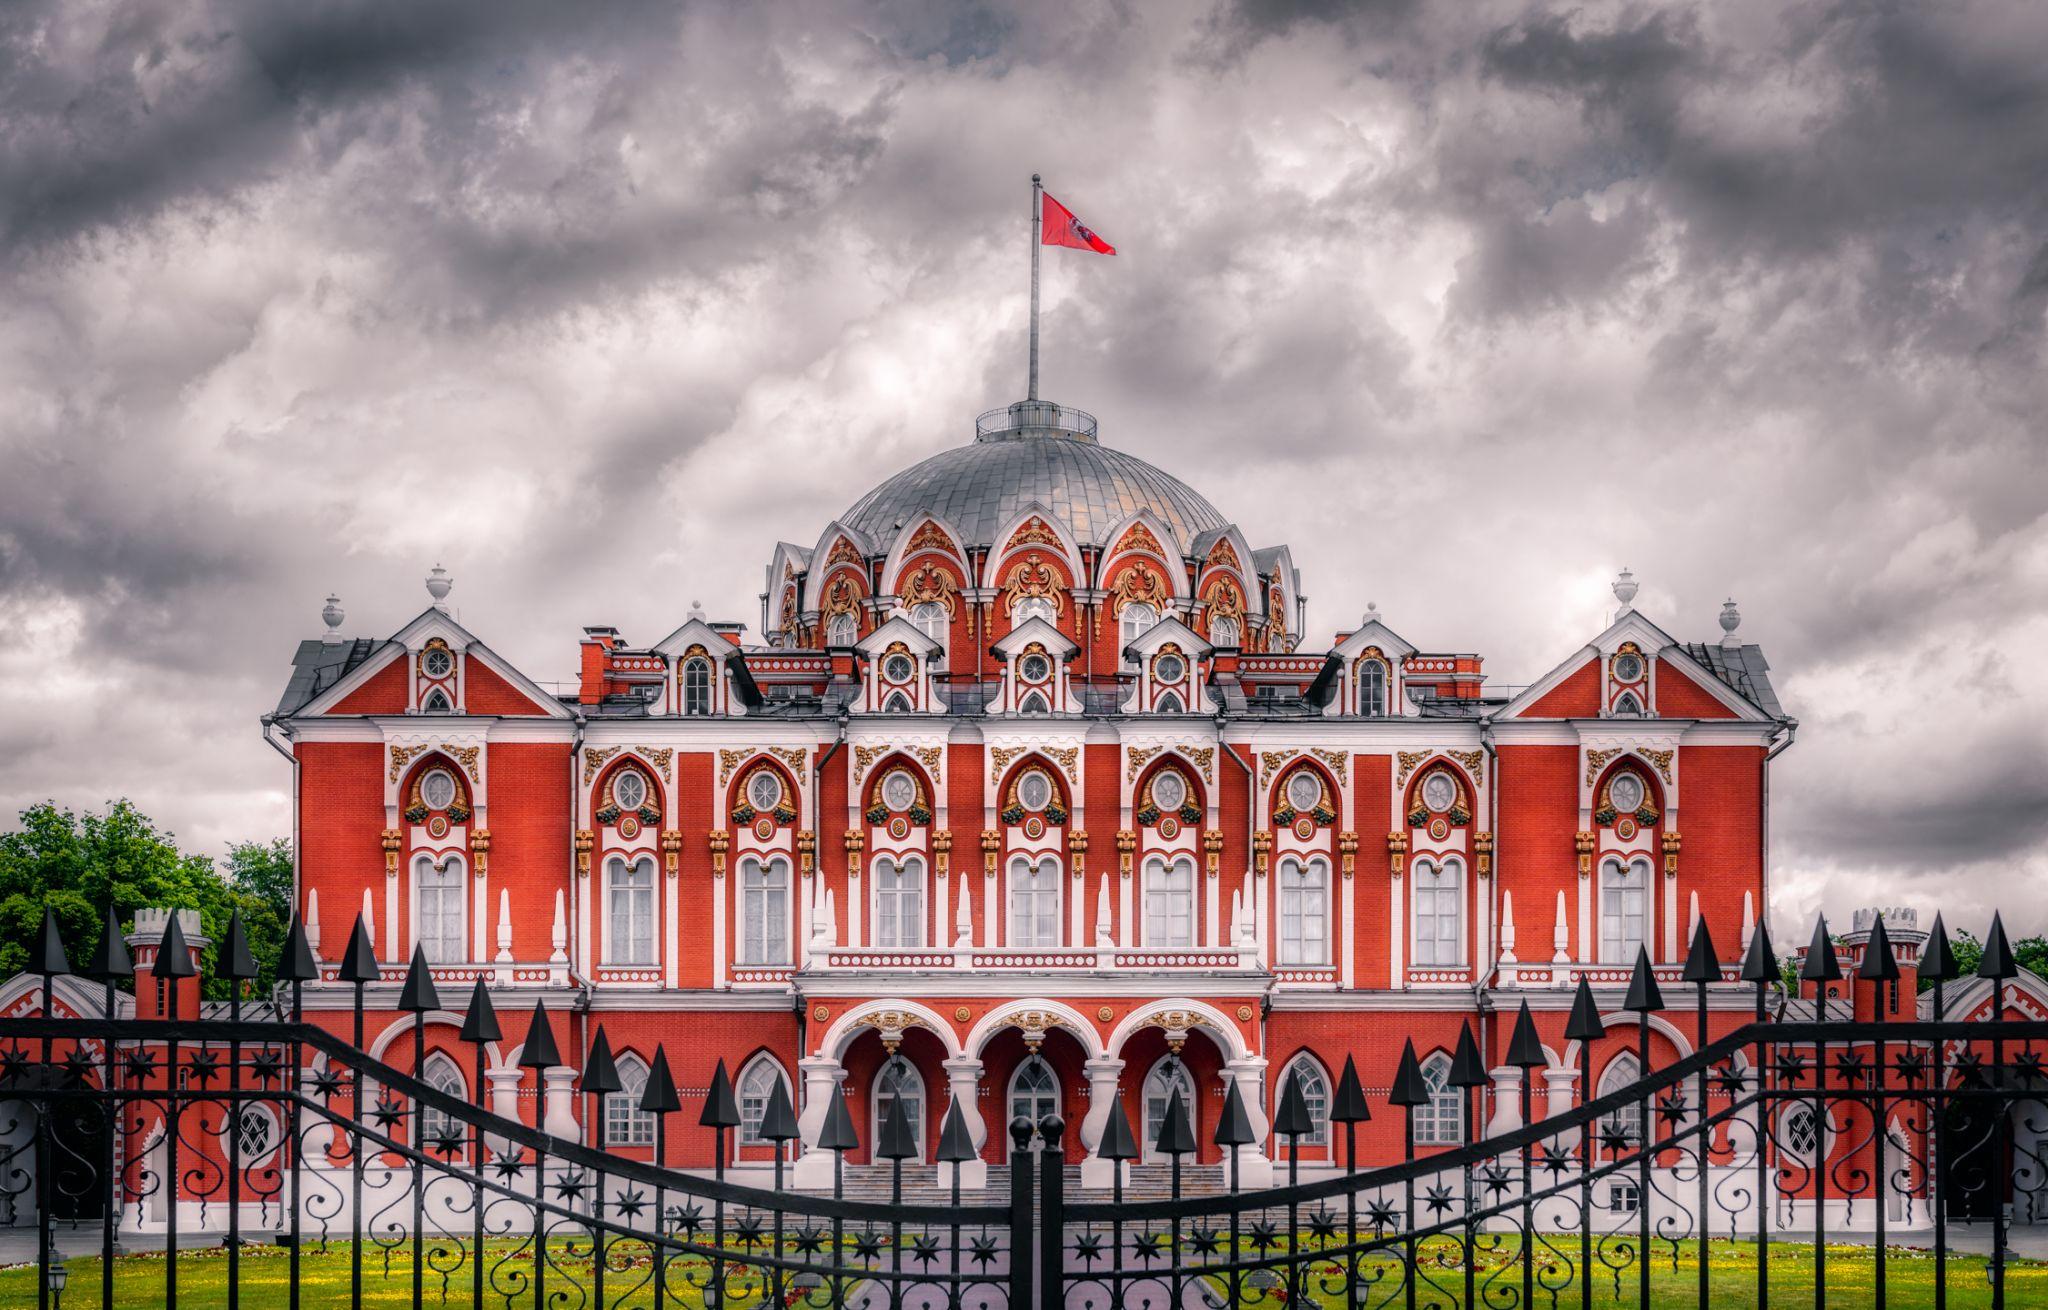 Petroff Palace, Russian Federation